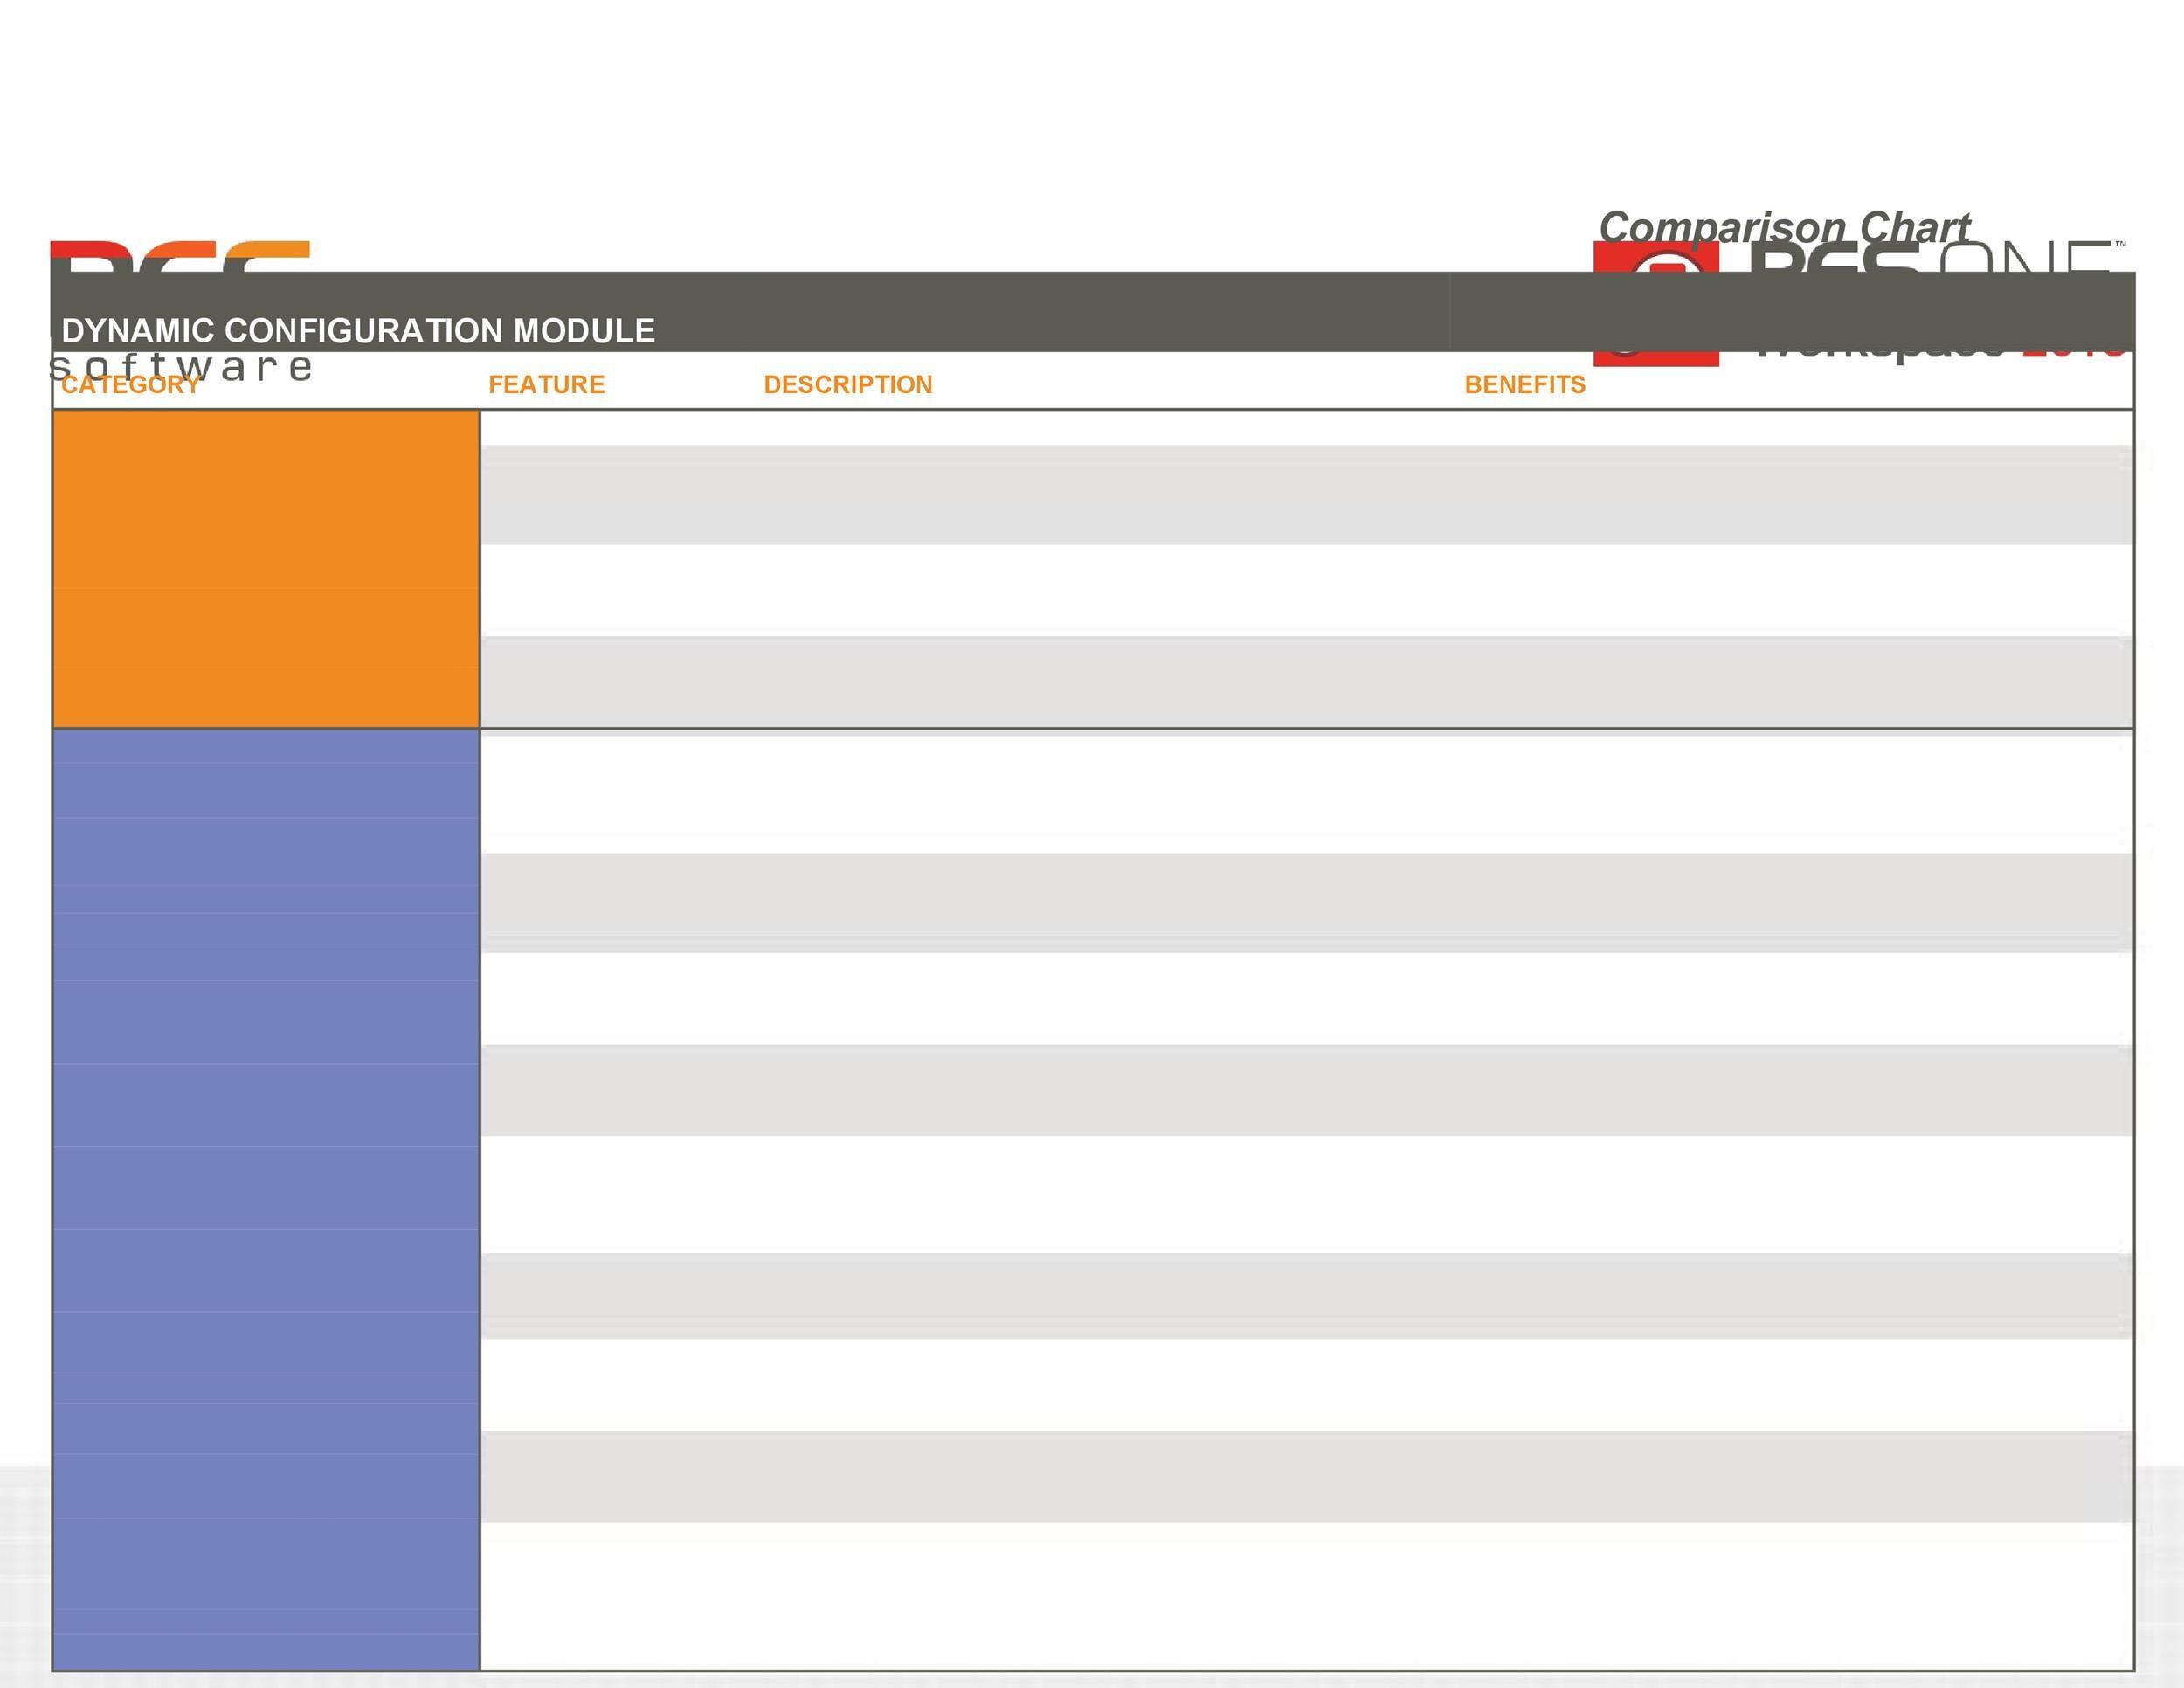 Comparison Chart Template Comparison Chart Stock Images Royaltyfree - blank comparison chart template